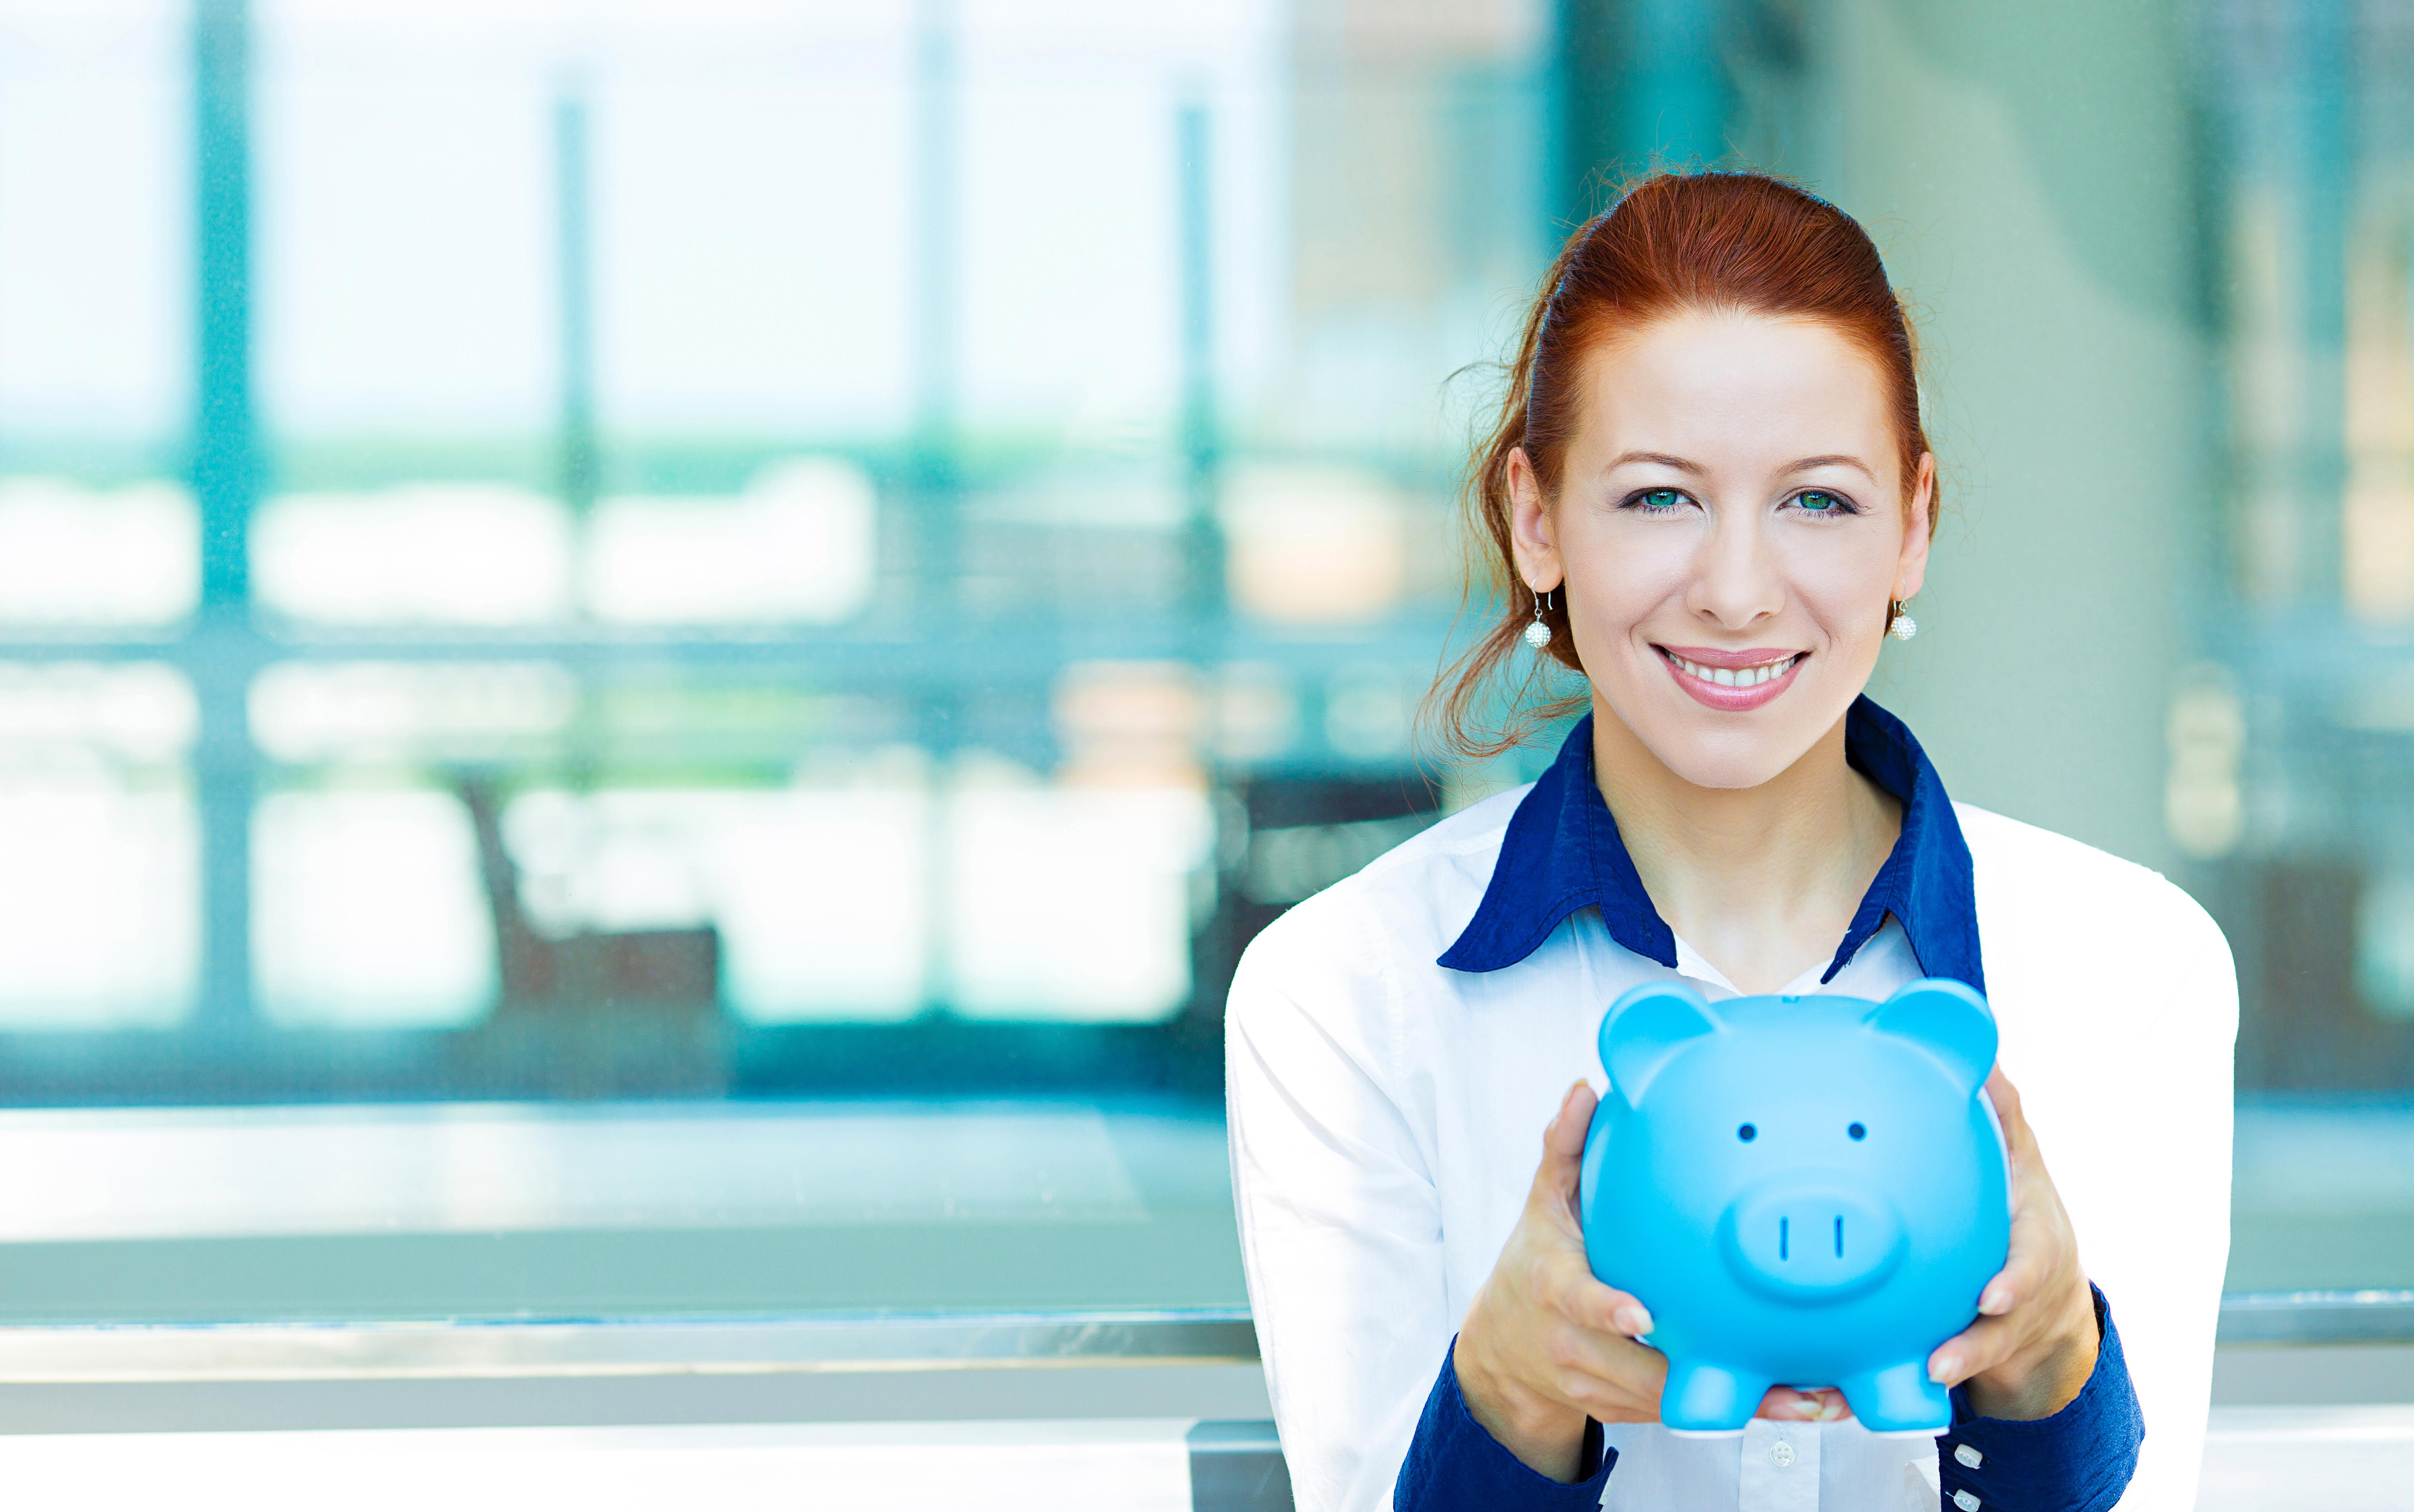 Кредитная карта банка Открытие: условия получения и преимущества